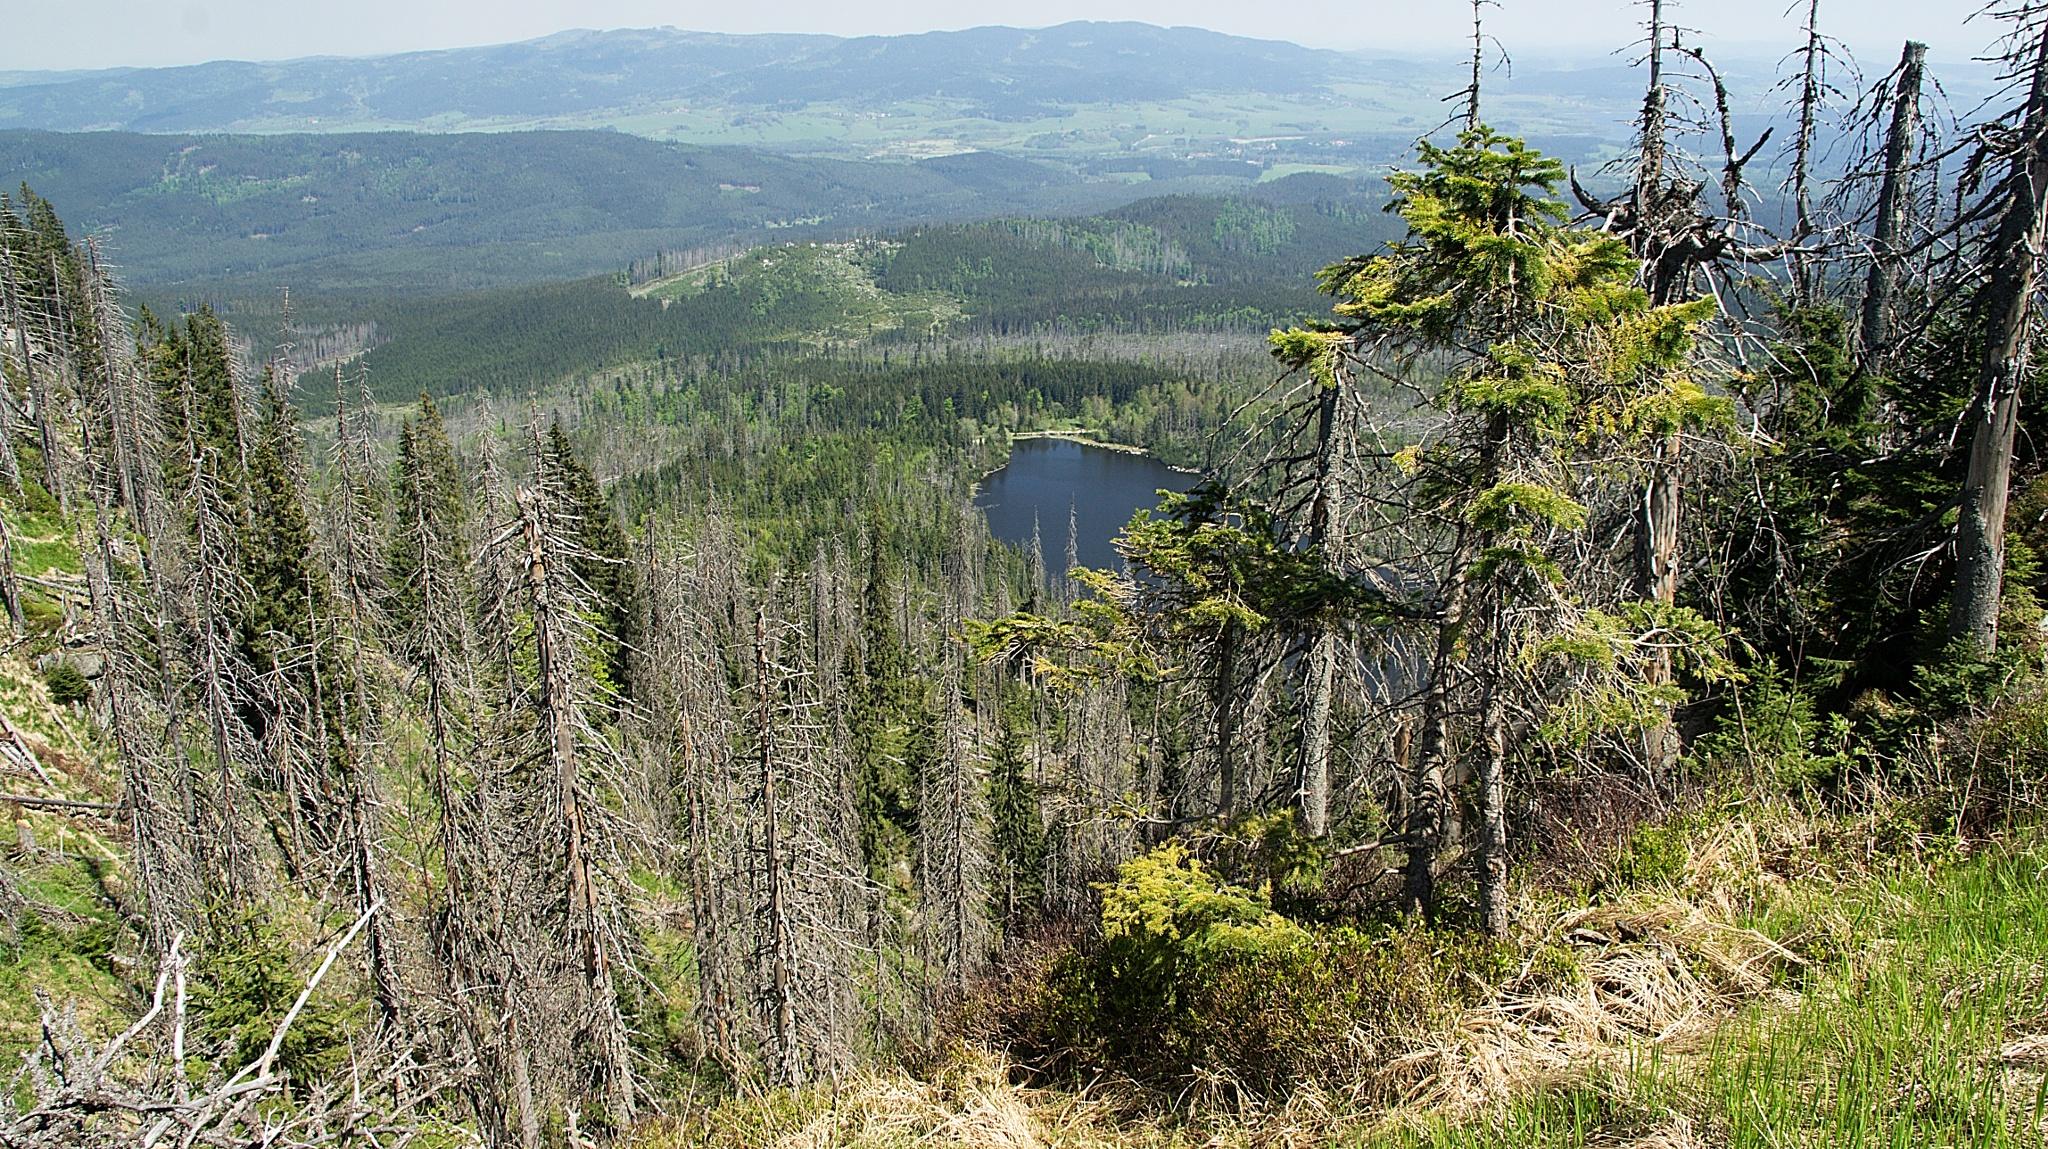 Lake Plesne  jezero from the montain Plechy in Sumava mountains by kleckaj6